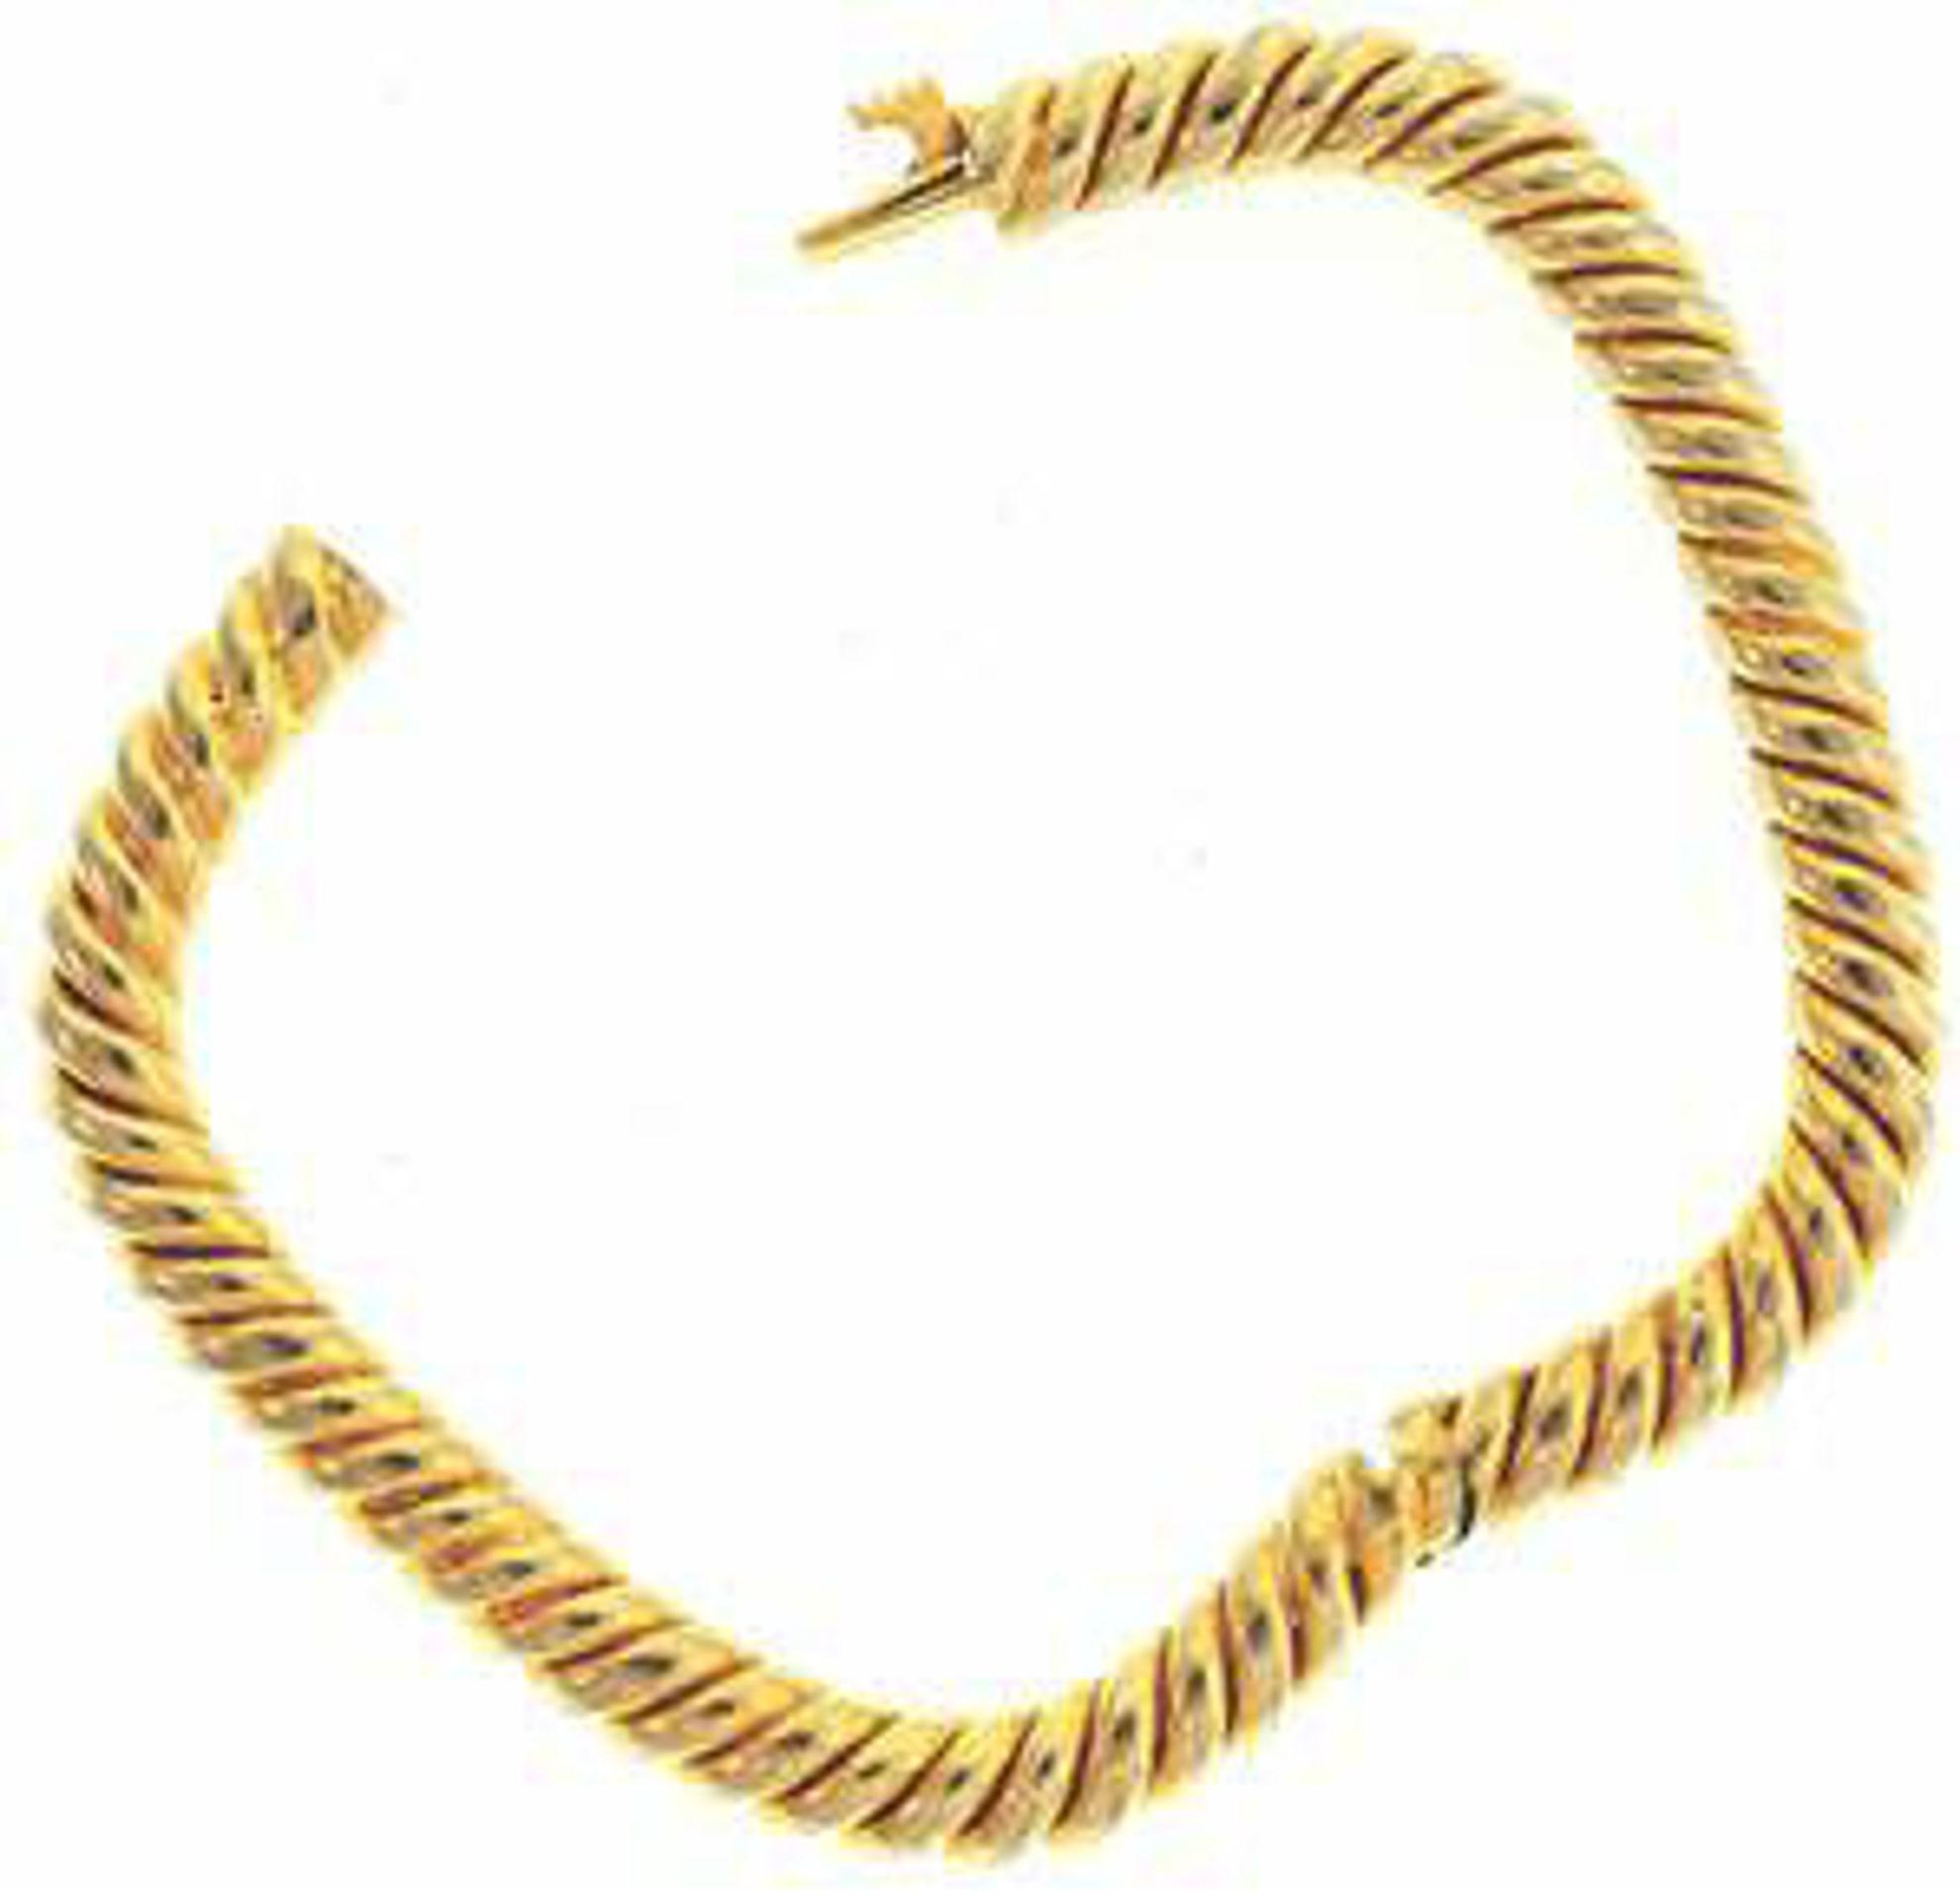 Picture of Bangle Bracelets 18kt-22.9 DWT, 35.6 Grams